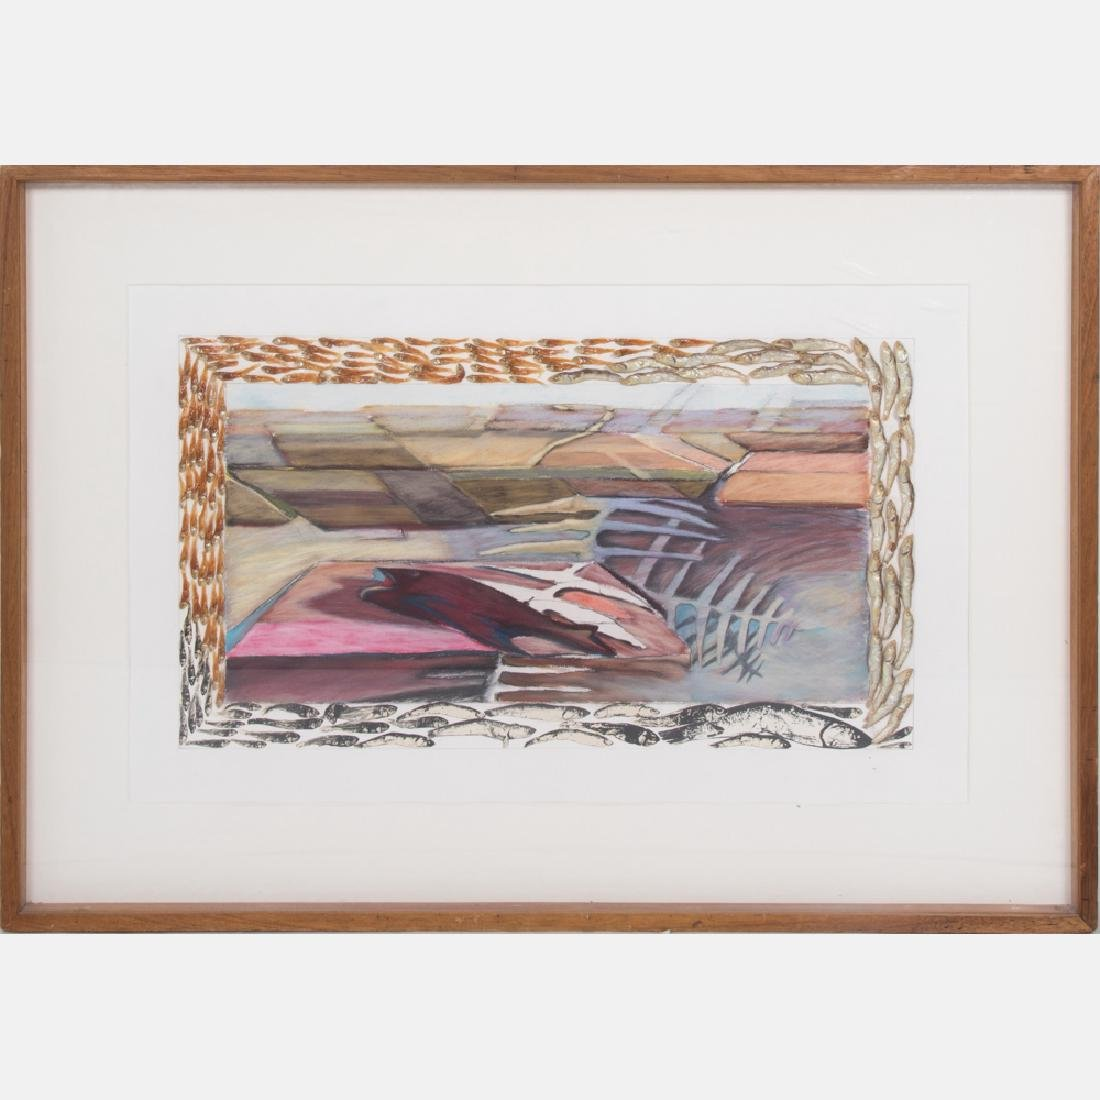 Nina B. Marshall (American, b. 1953) Fish on Raft, ca.